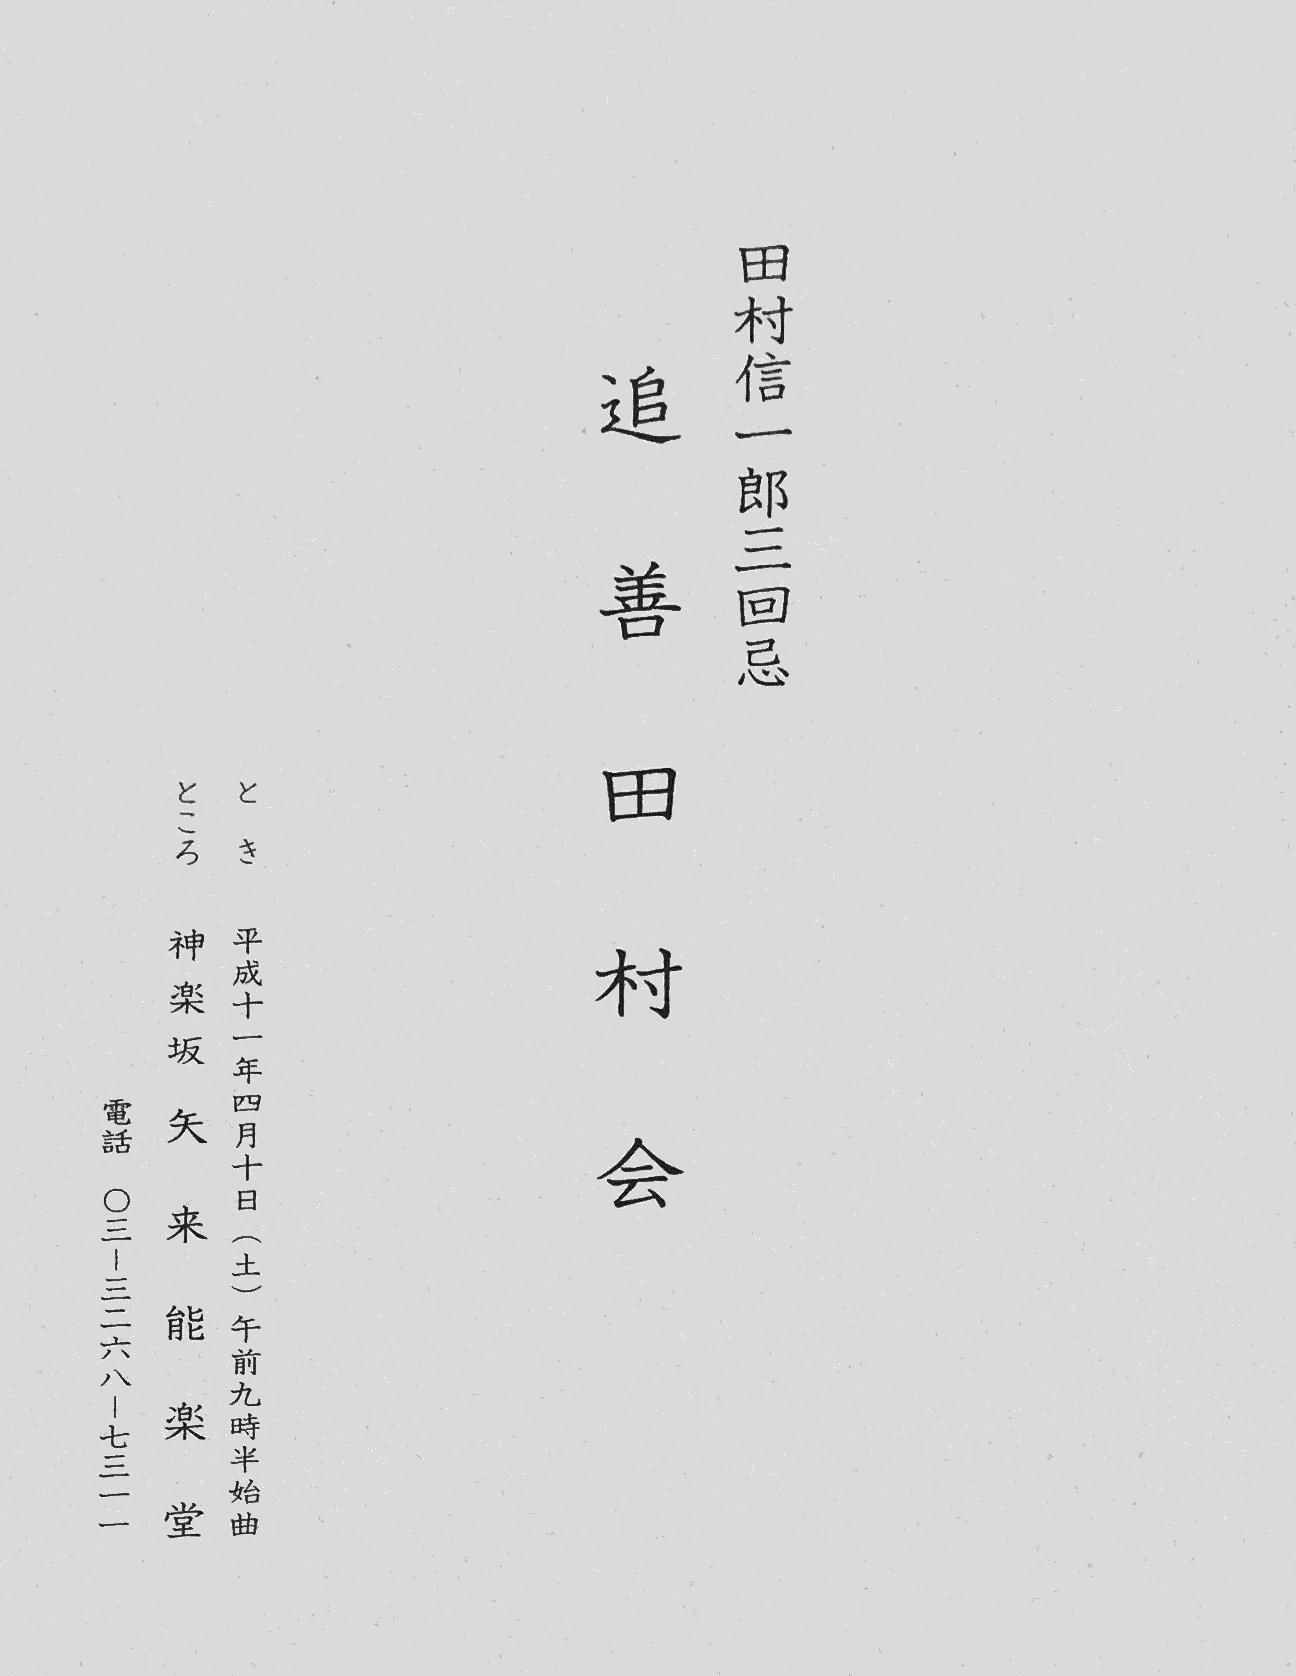 1999年4月10日 追善田村会「熊坂」